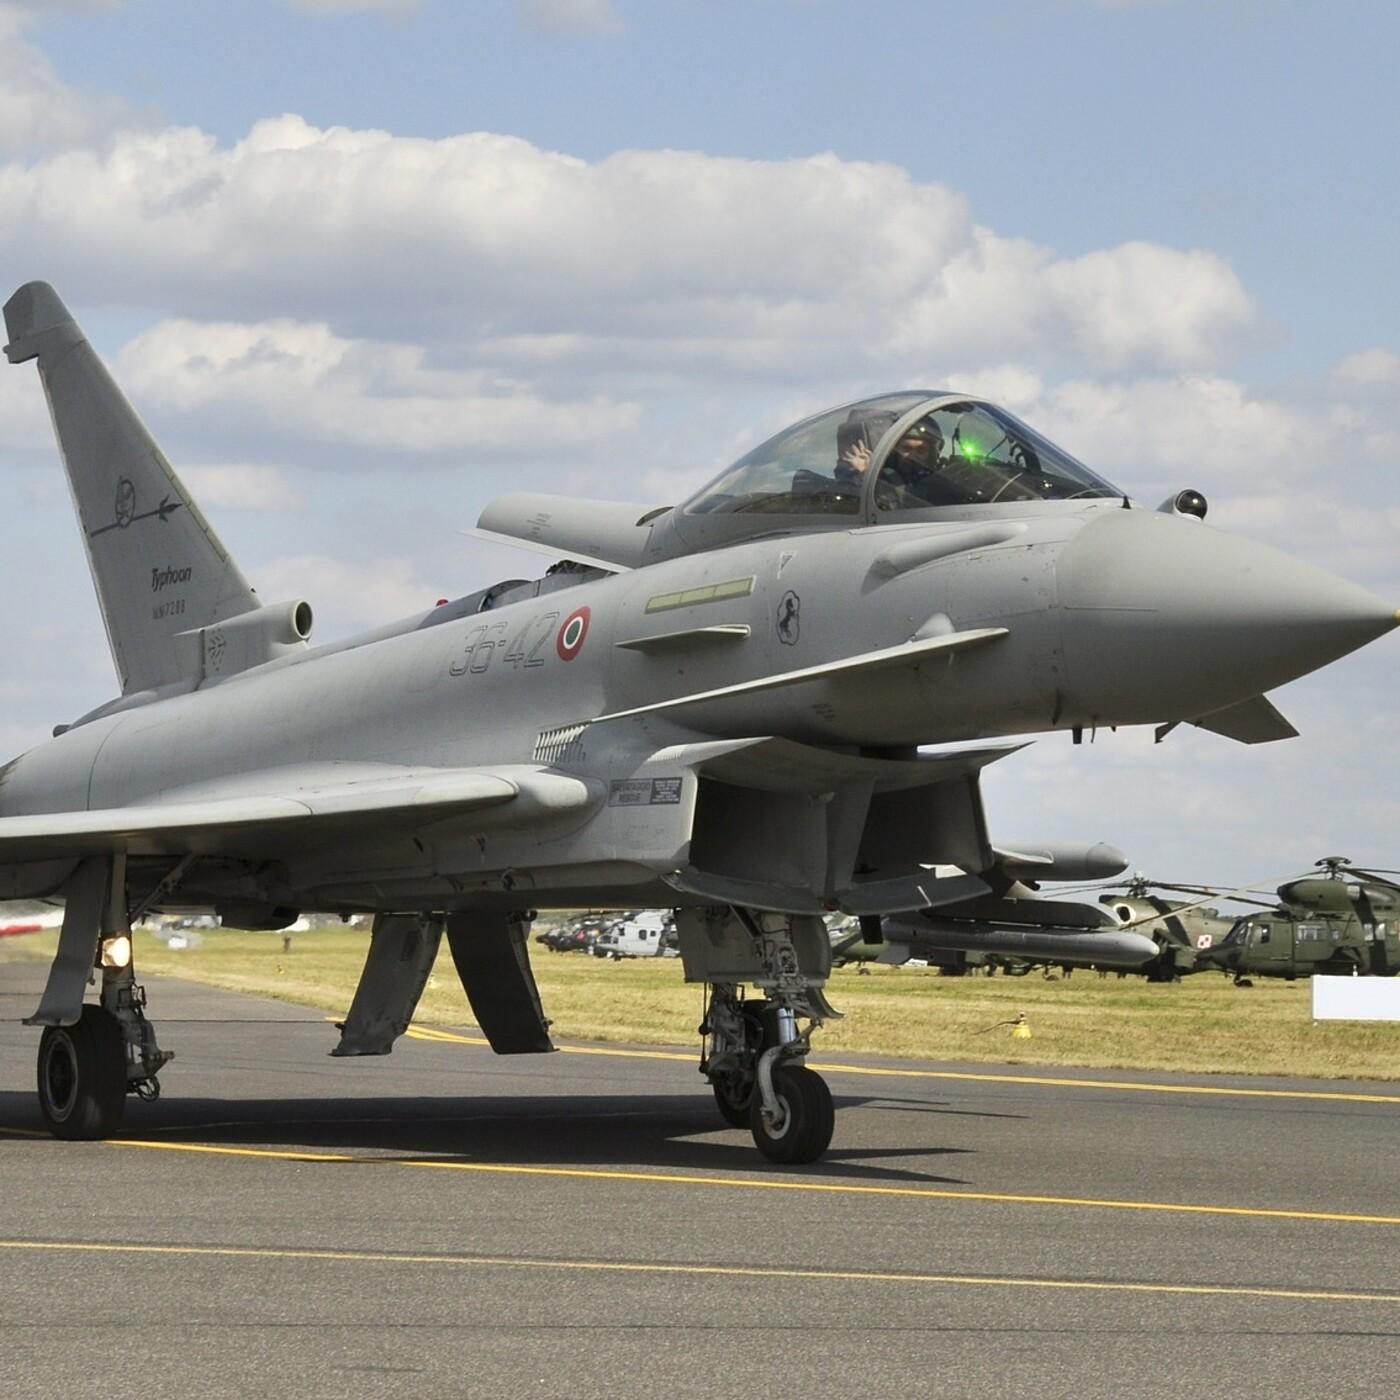 Eurofighter y otras aeronaves. Tecnología militar. Maestranza Aérea de Albacete. Coronel Rafael MAESAL. 432. LFDLC